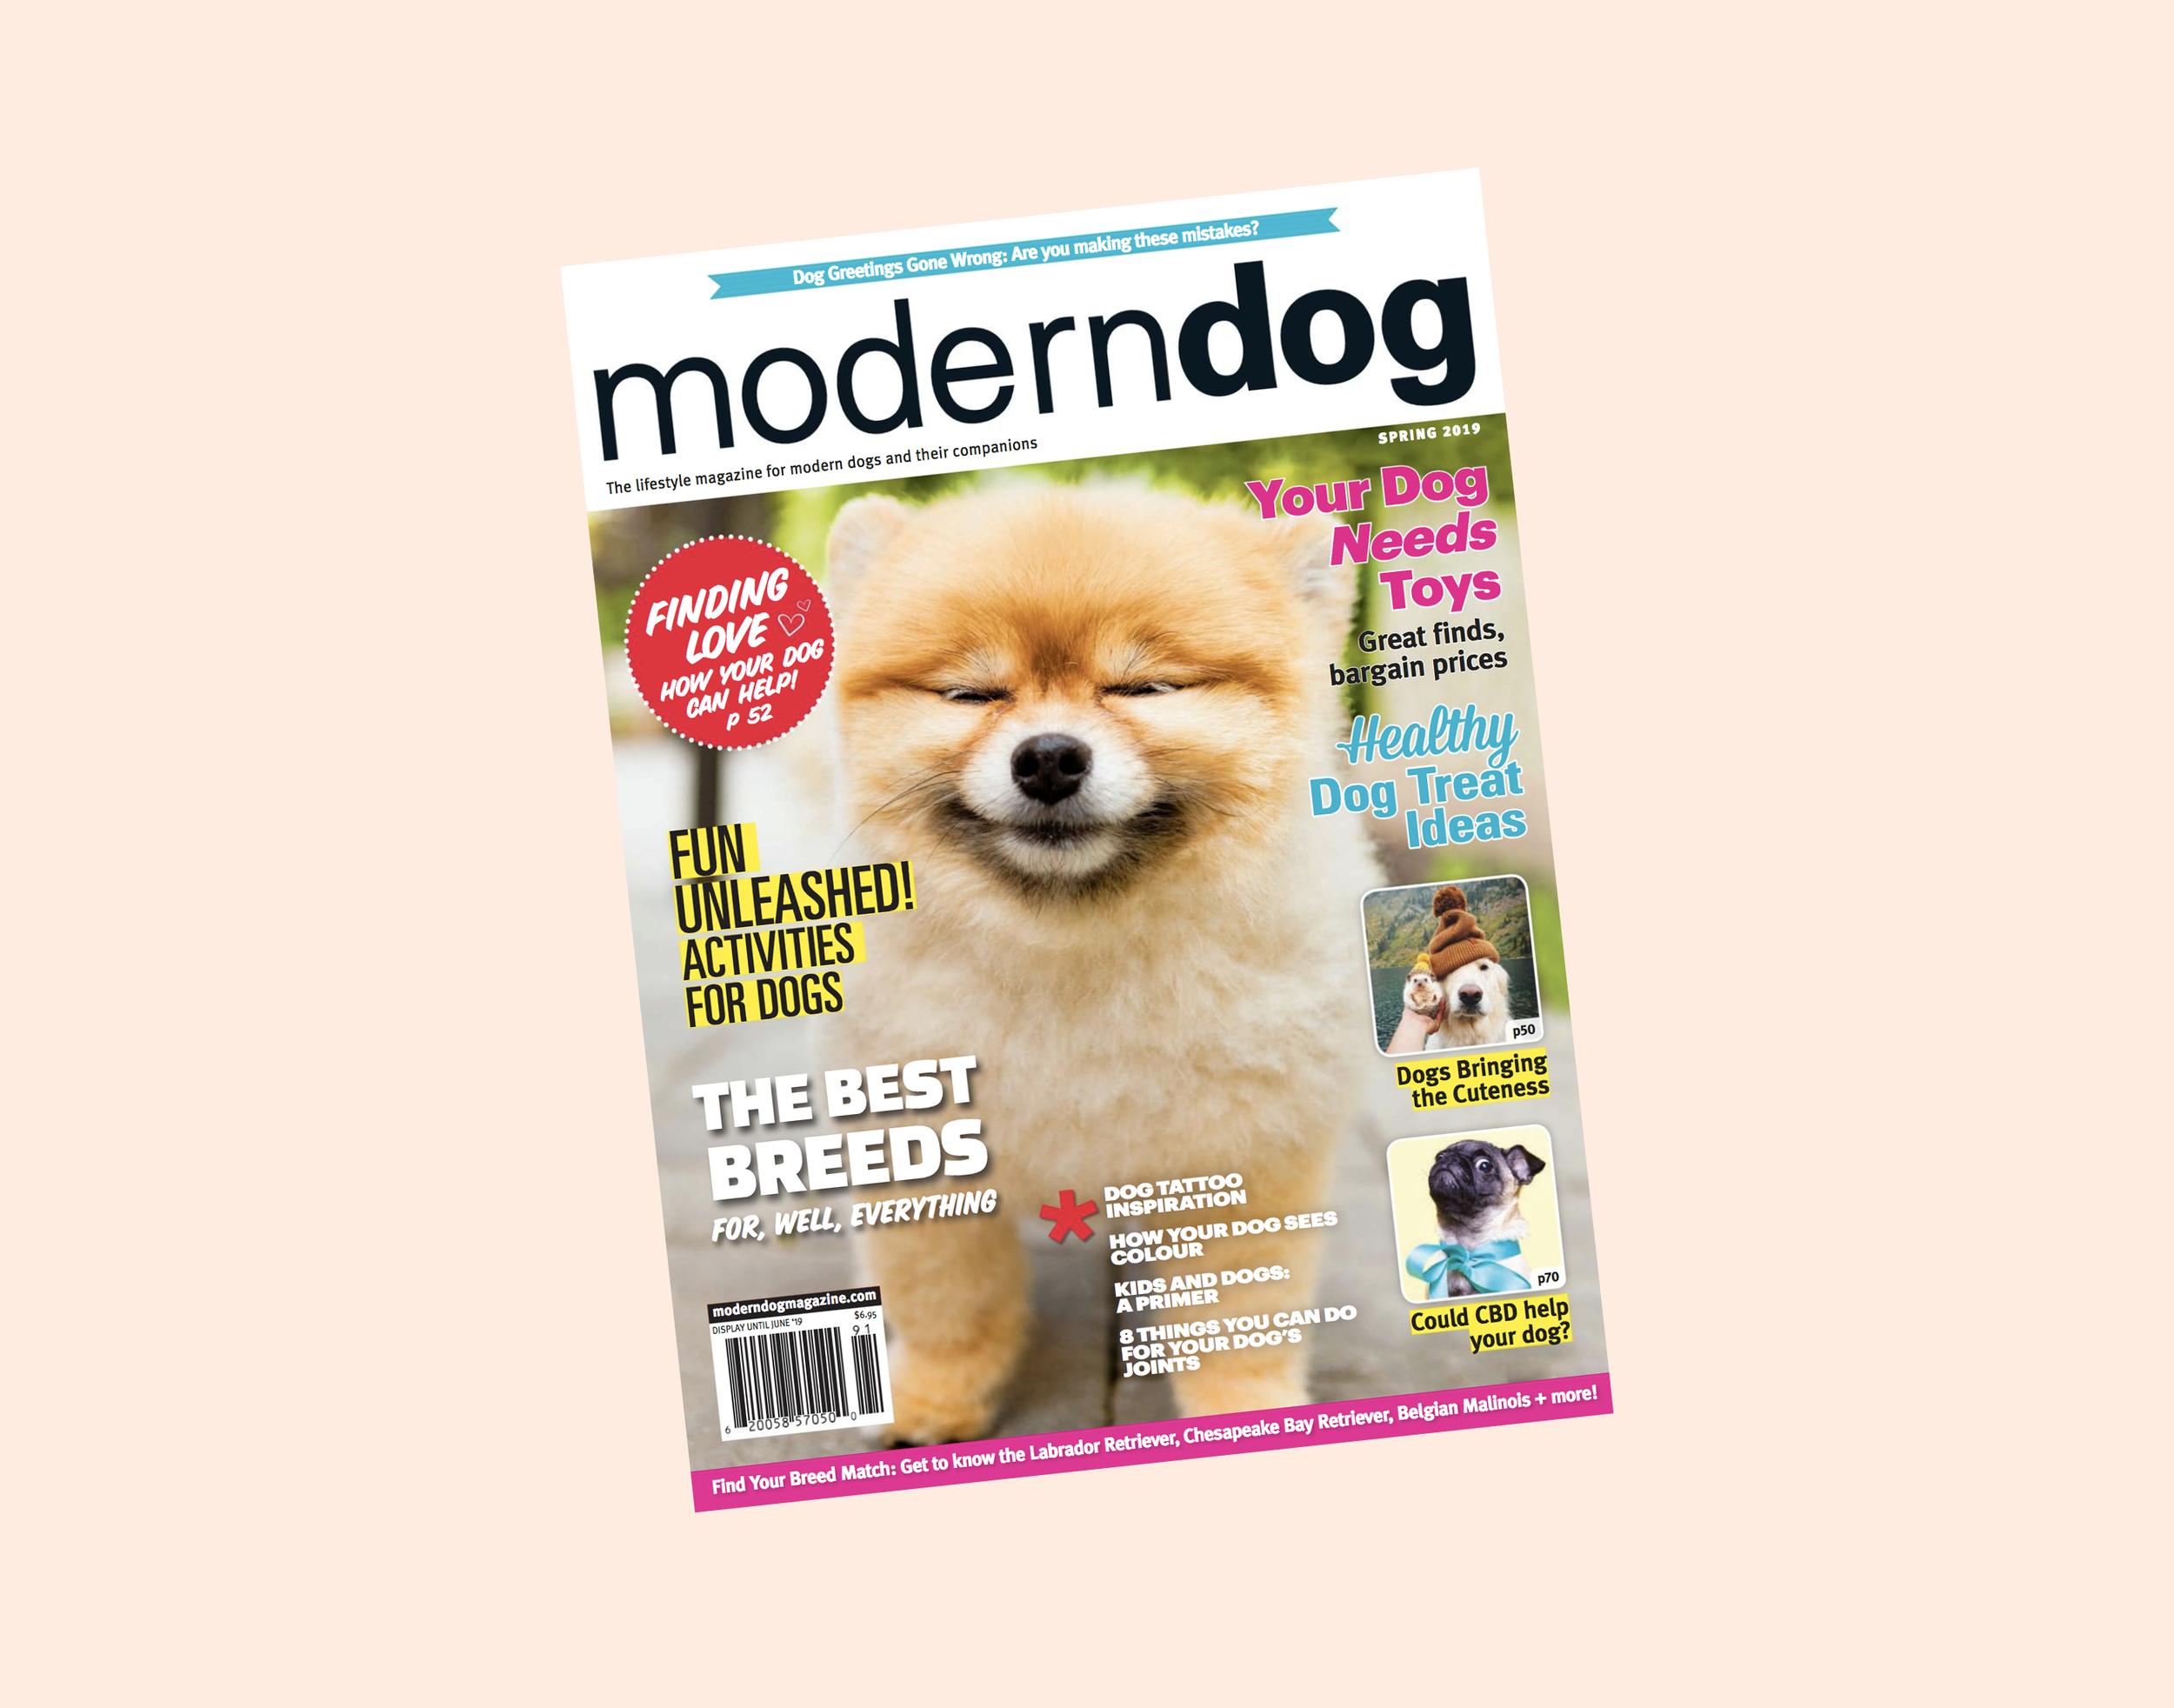 Image courtesy of Modern Dog Magazine